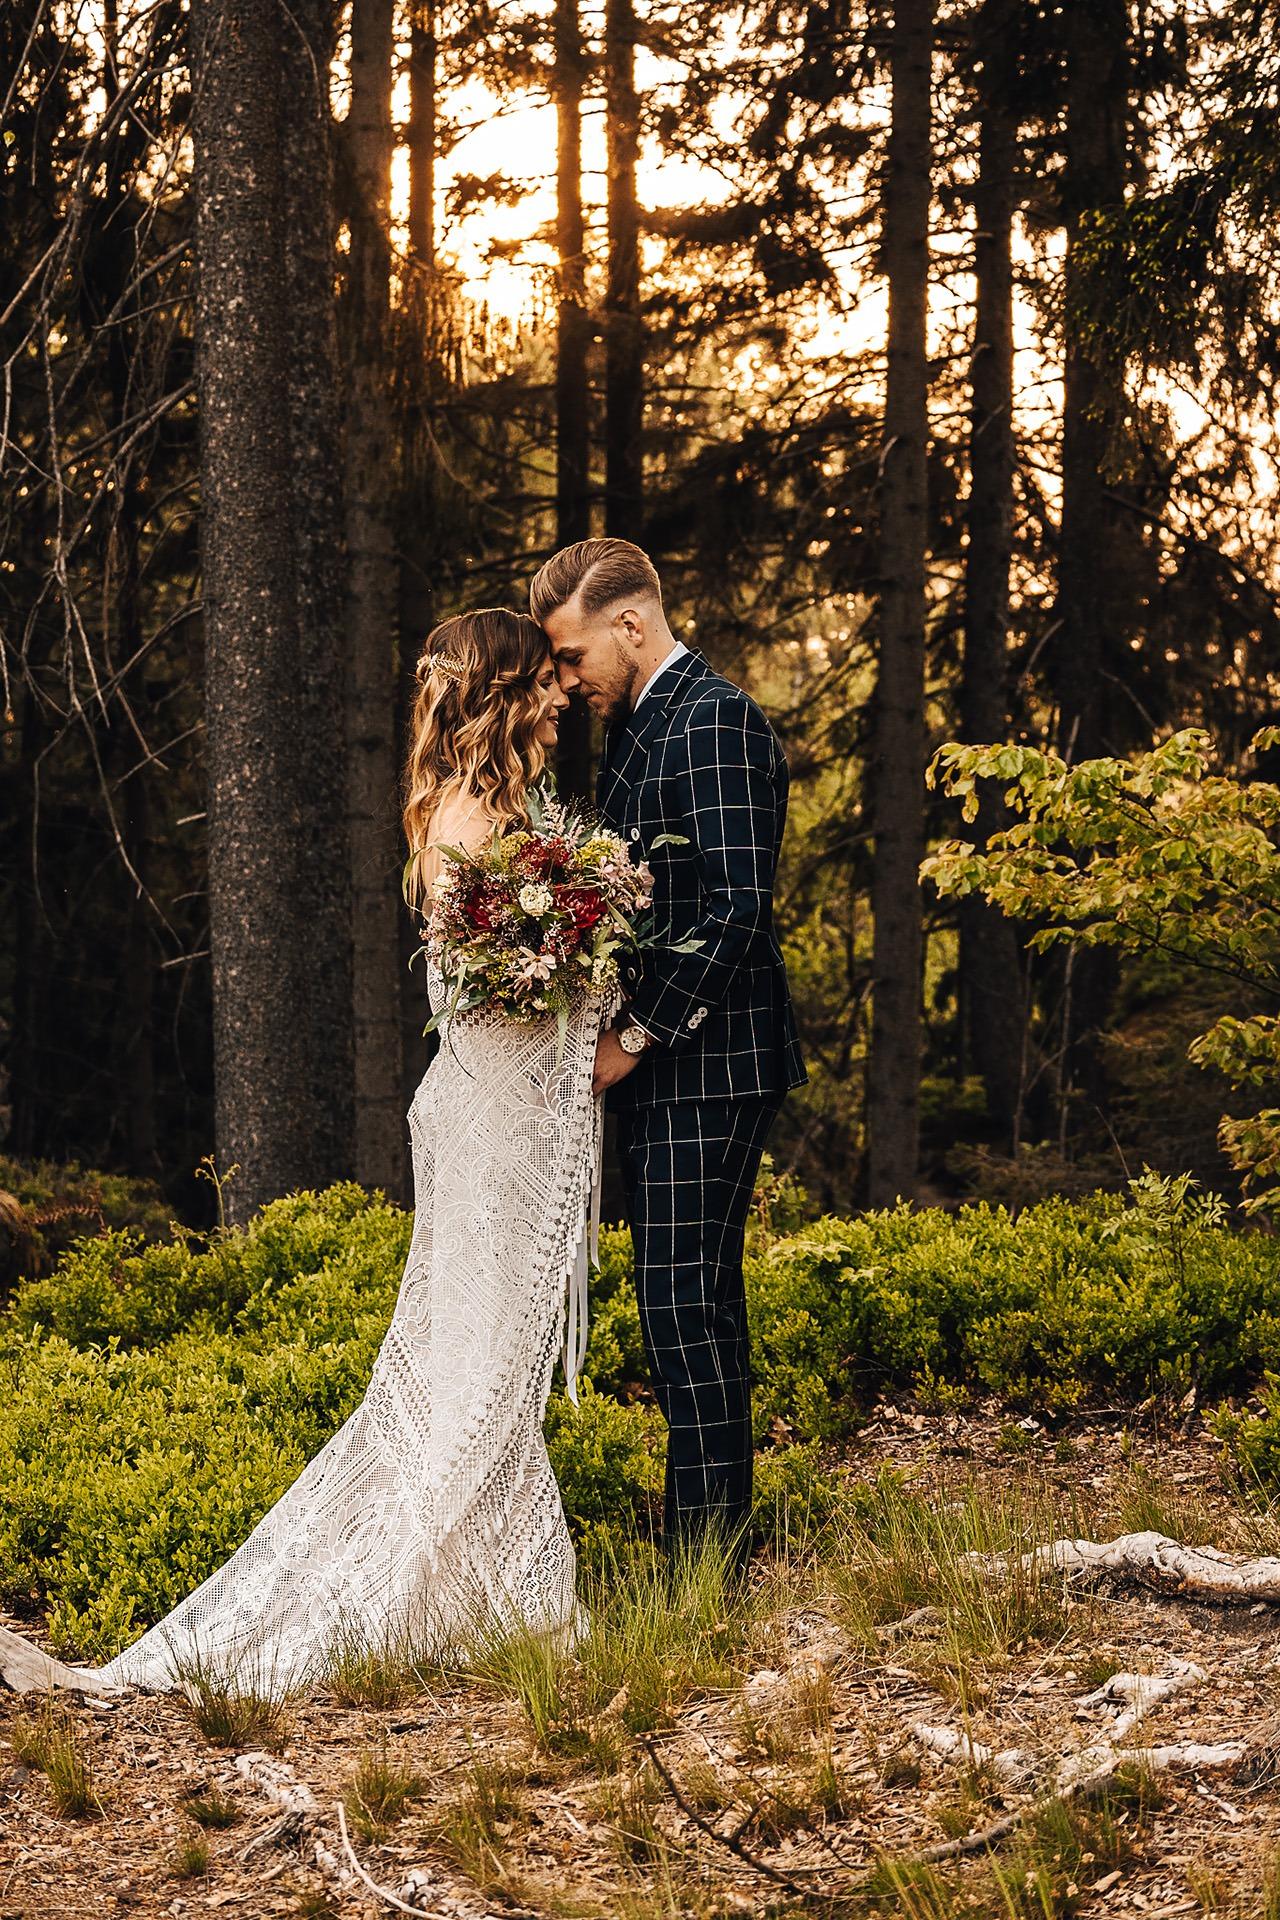 svatba v přírodě jičín fotograf